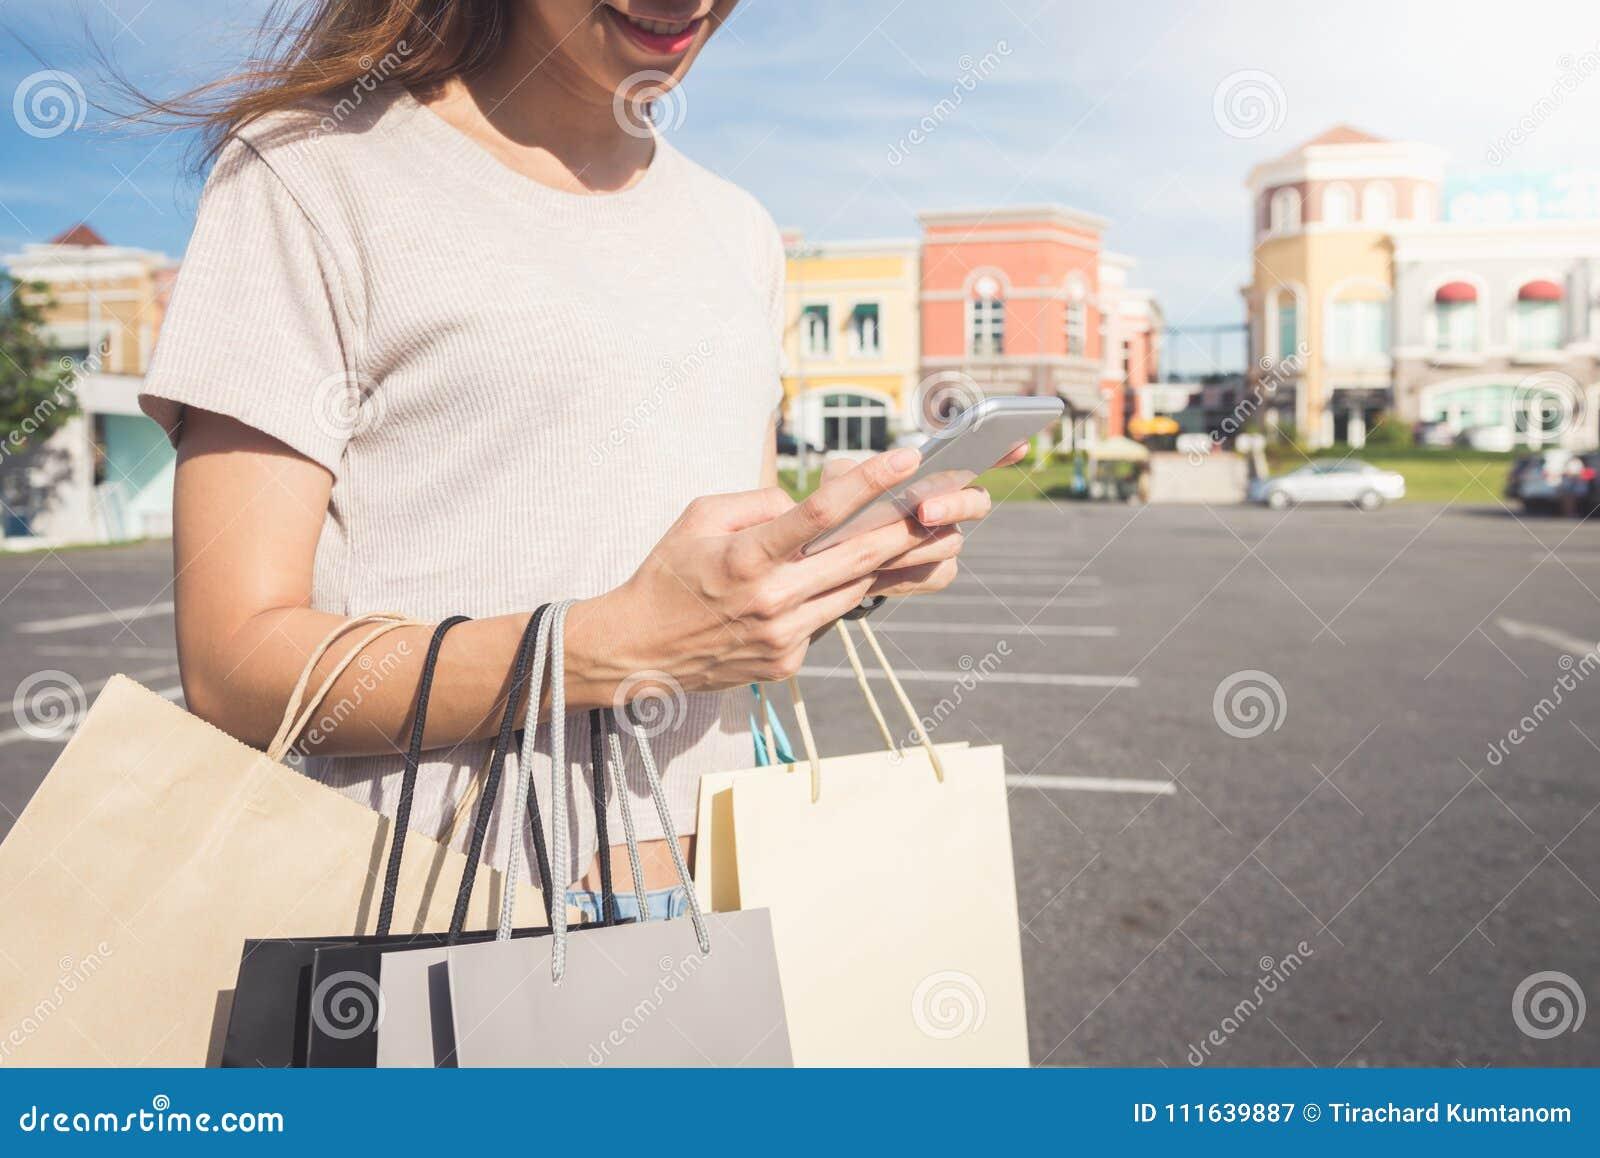 Slut upp av en håll för ung kvinna påsar för en shopping i henne hand och prata på hennes telefon, når att ha shoppat